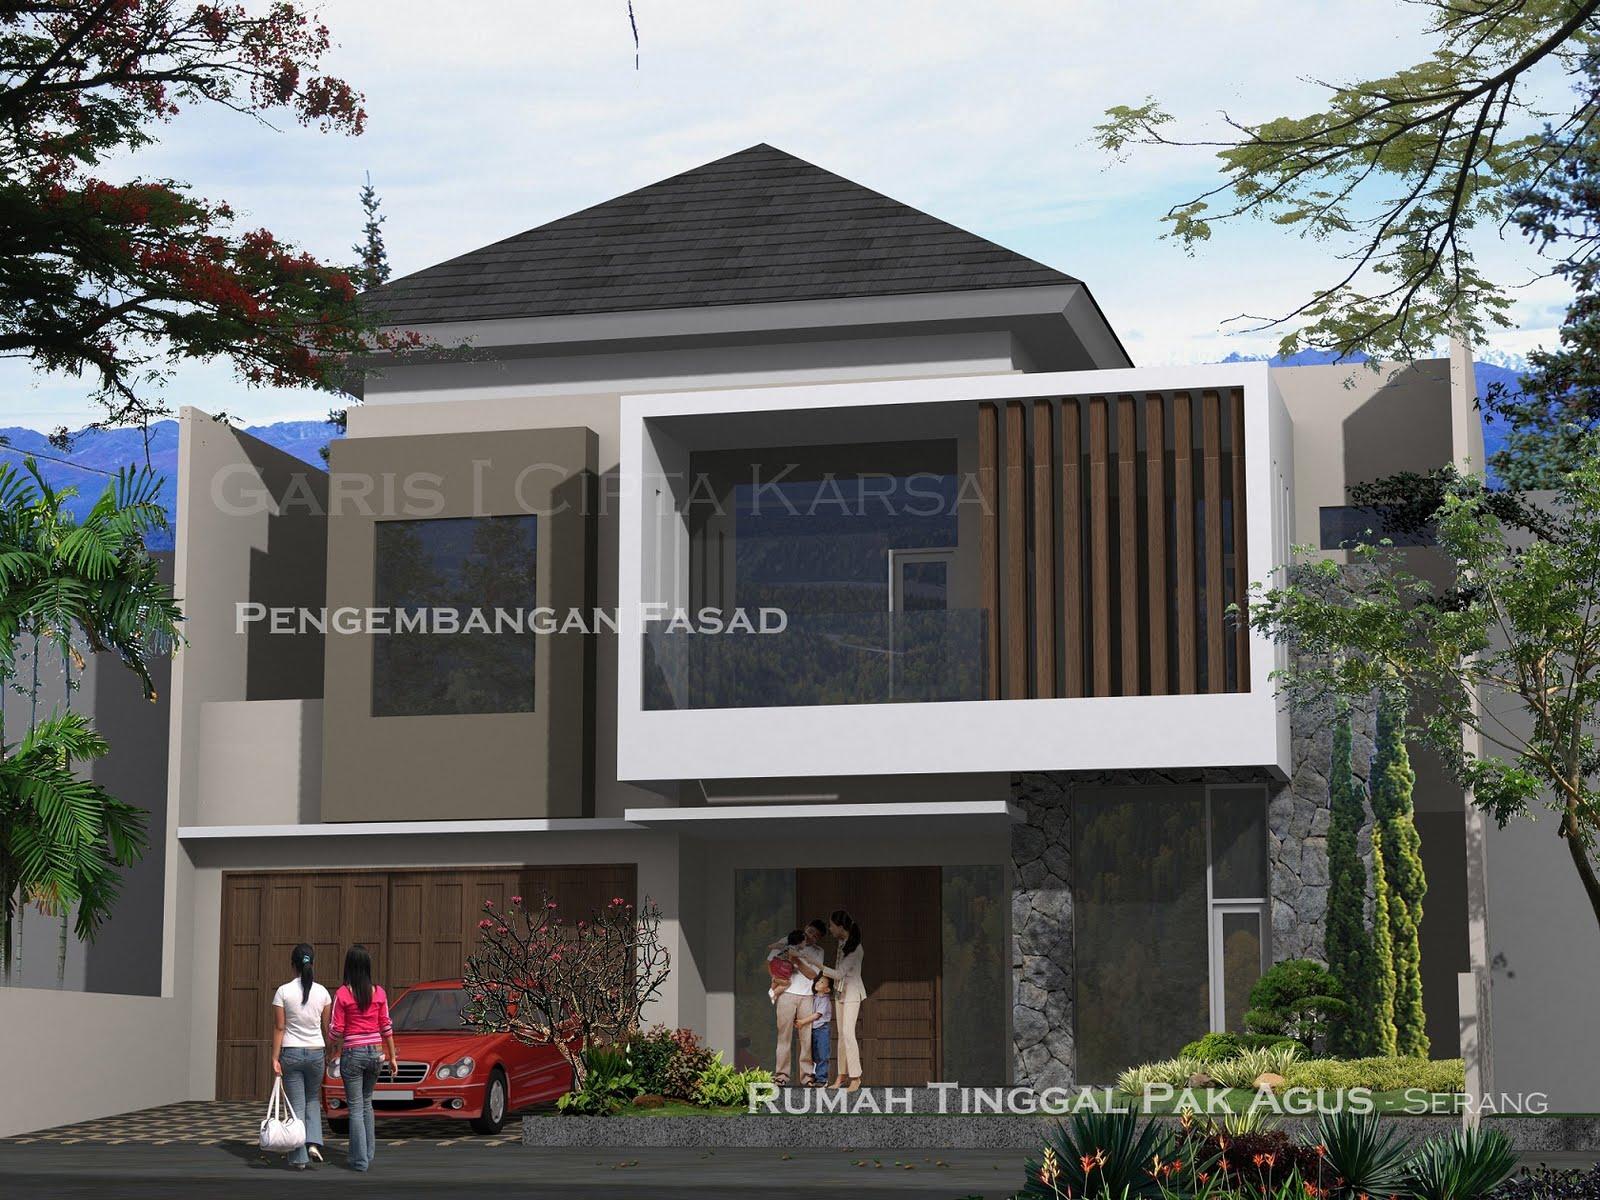 Pengembangan Desain Fasad Rumah Minimalis